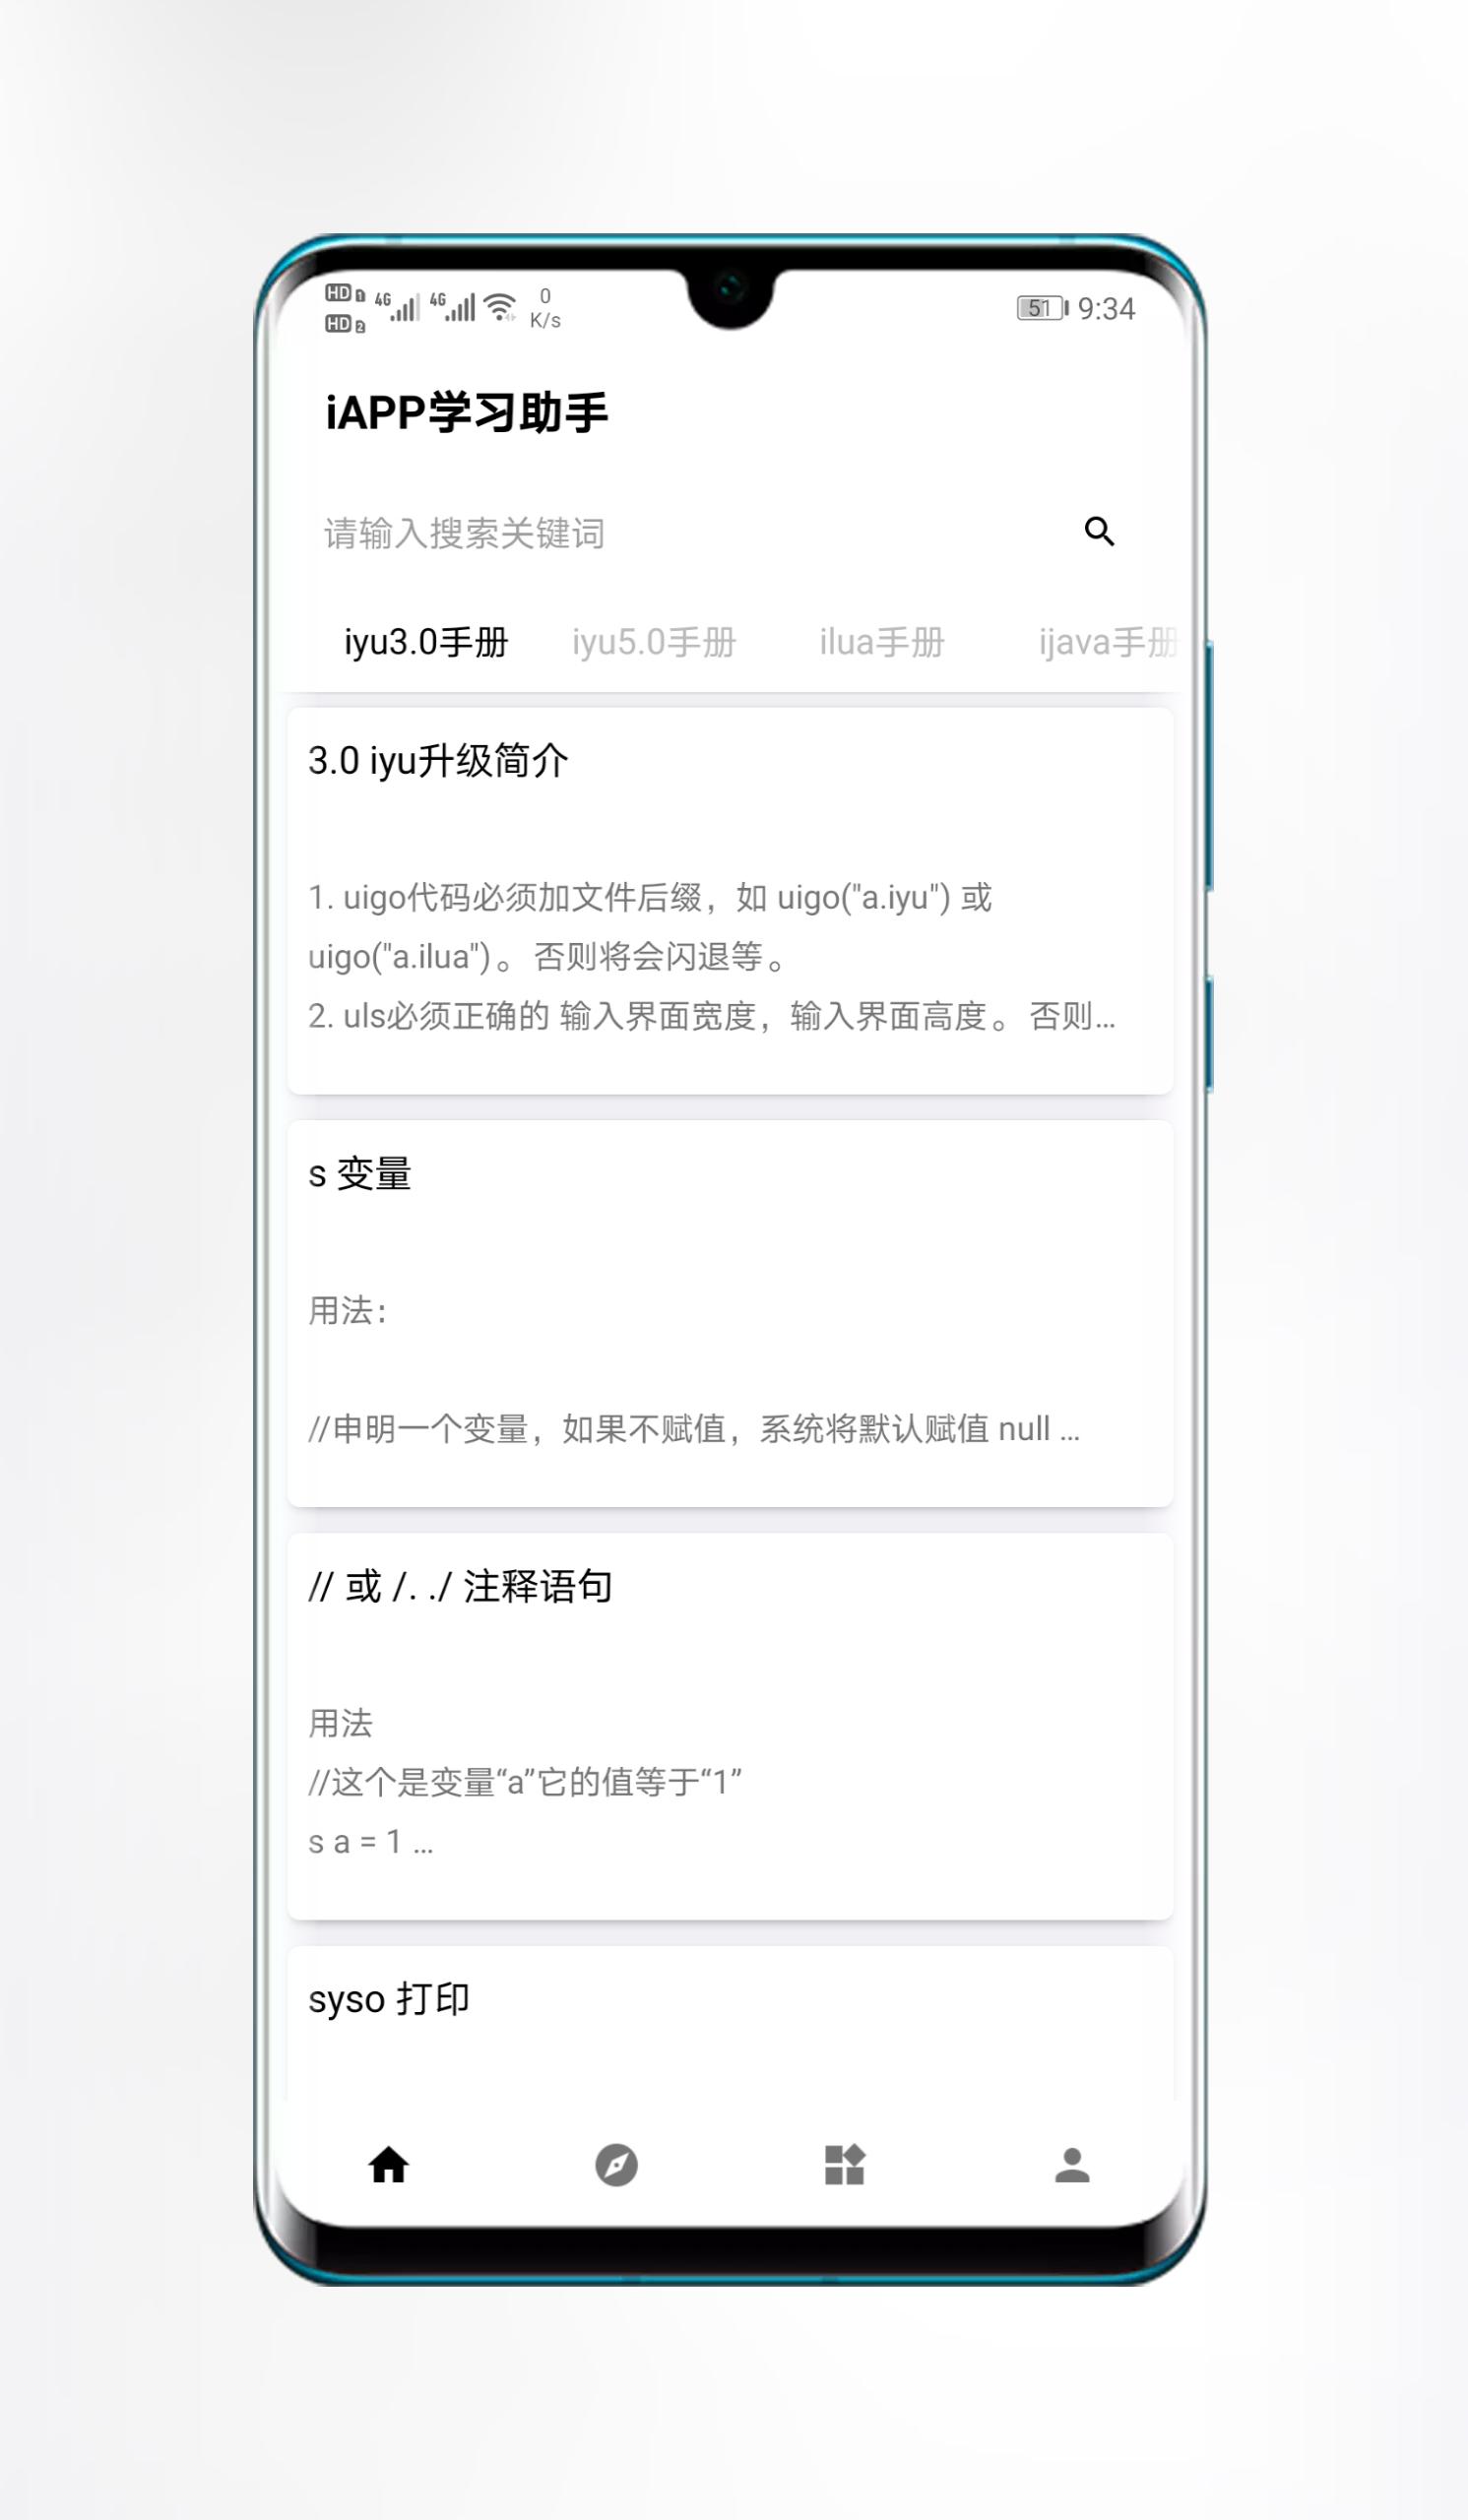 【原创】iApp学习助手v4.37